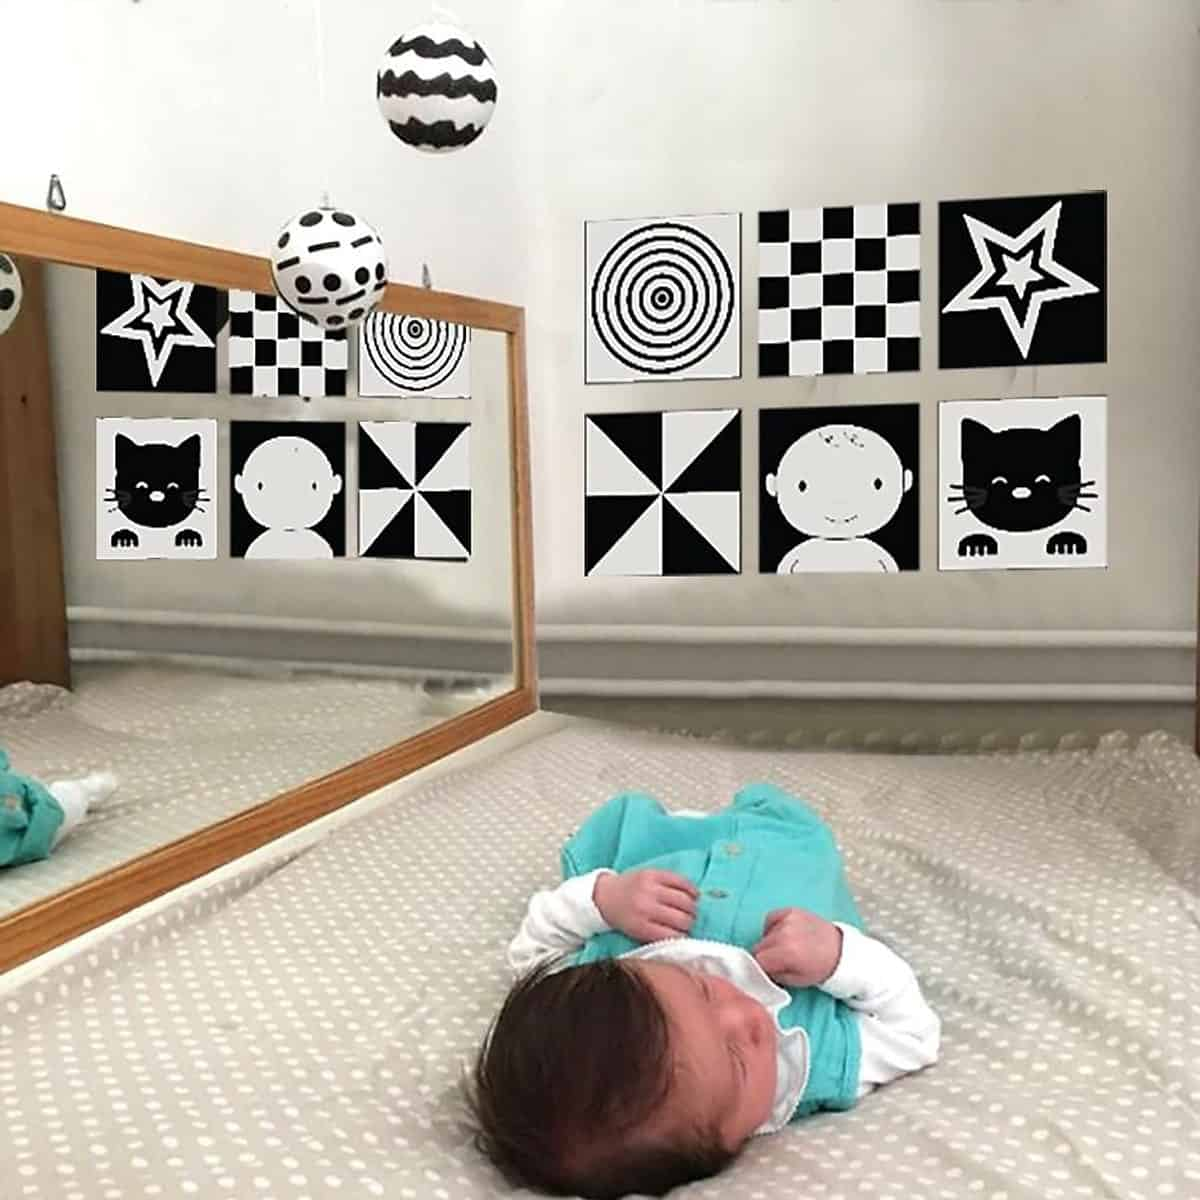 đồ chơi cho bé 7 tháng tuổi